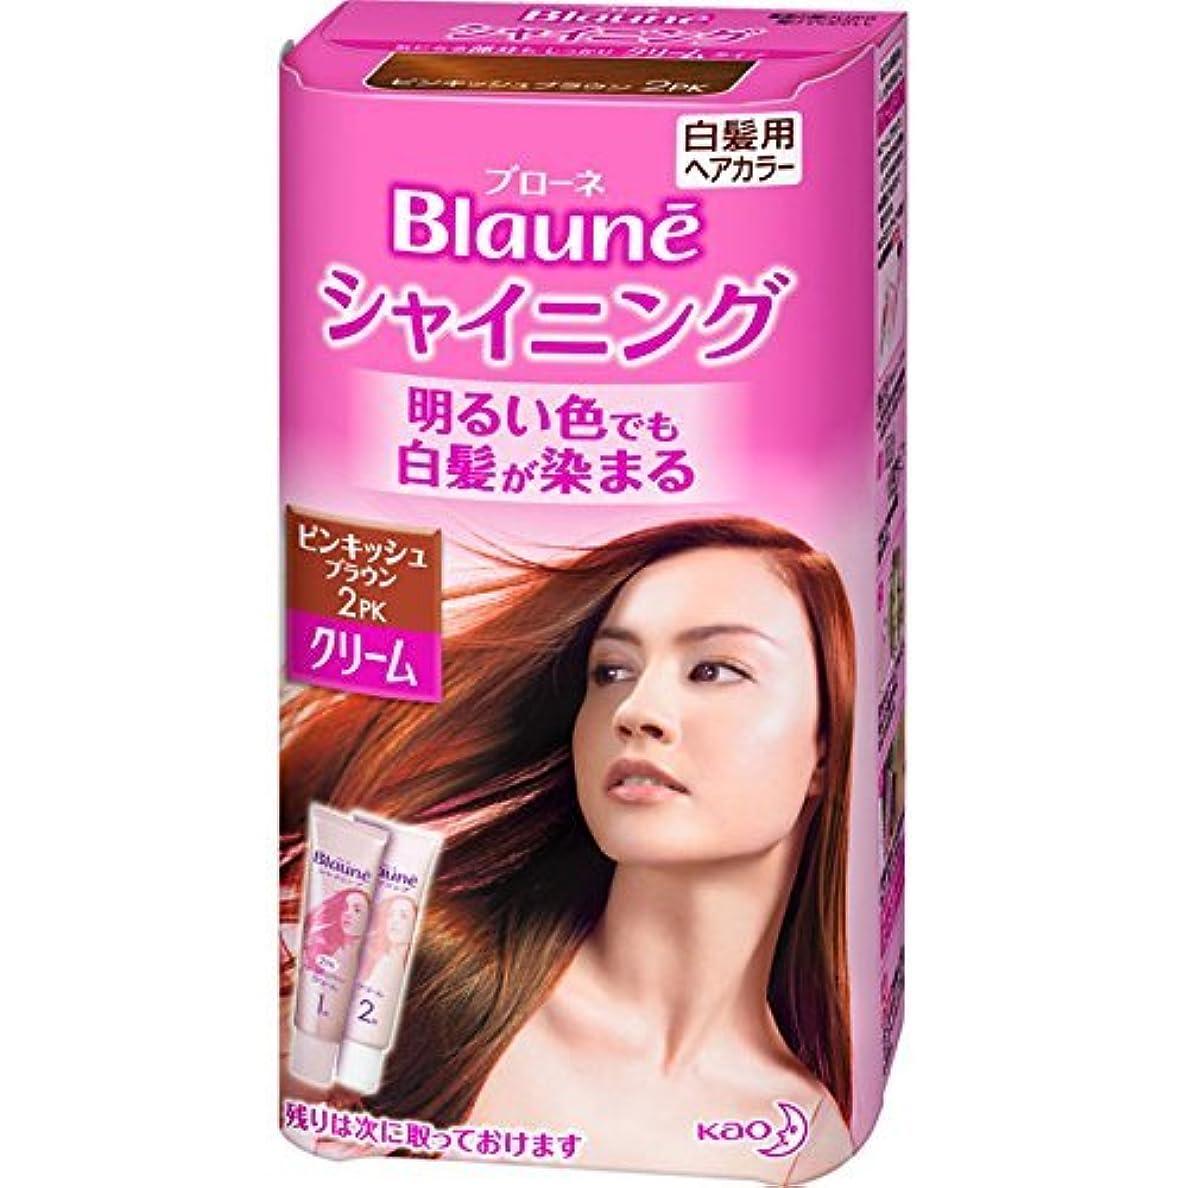 きつくニッケル病気の花王 ブローネ シャイニングヘアカラー クリーム 2PK 1剤50g/2剤50g(医薬部外品)《各50g》